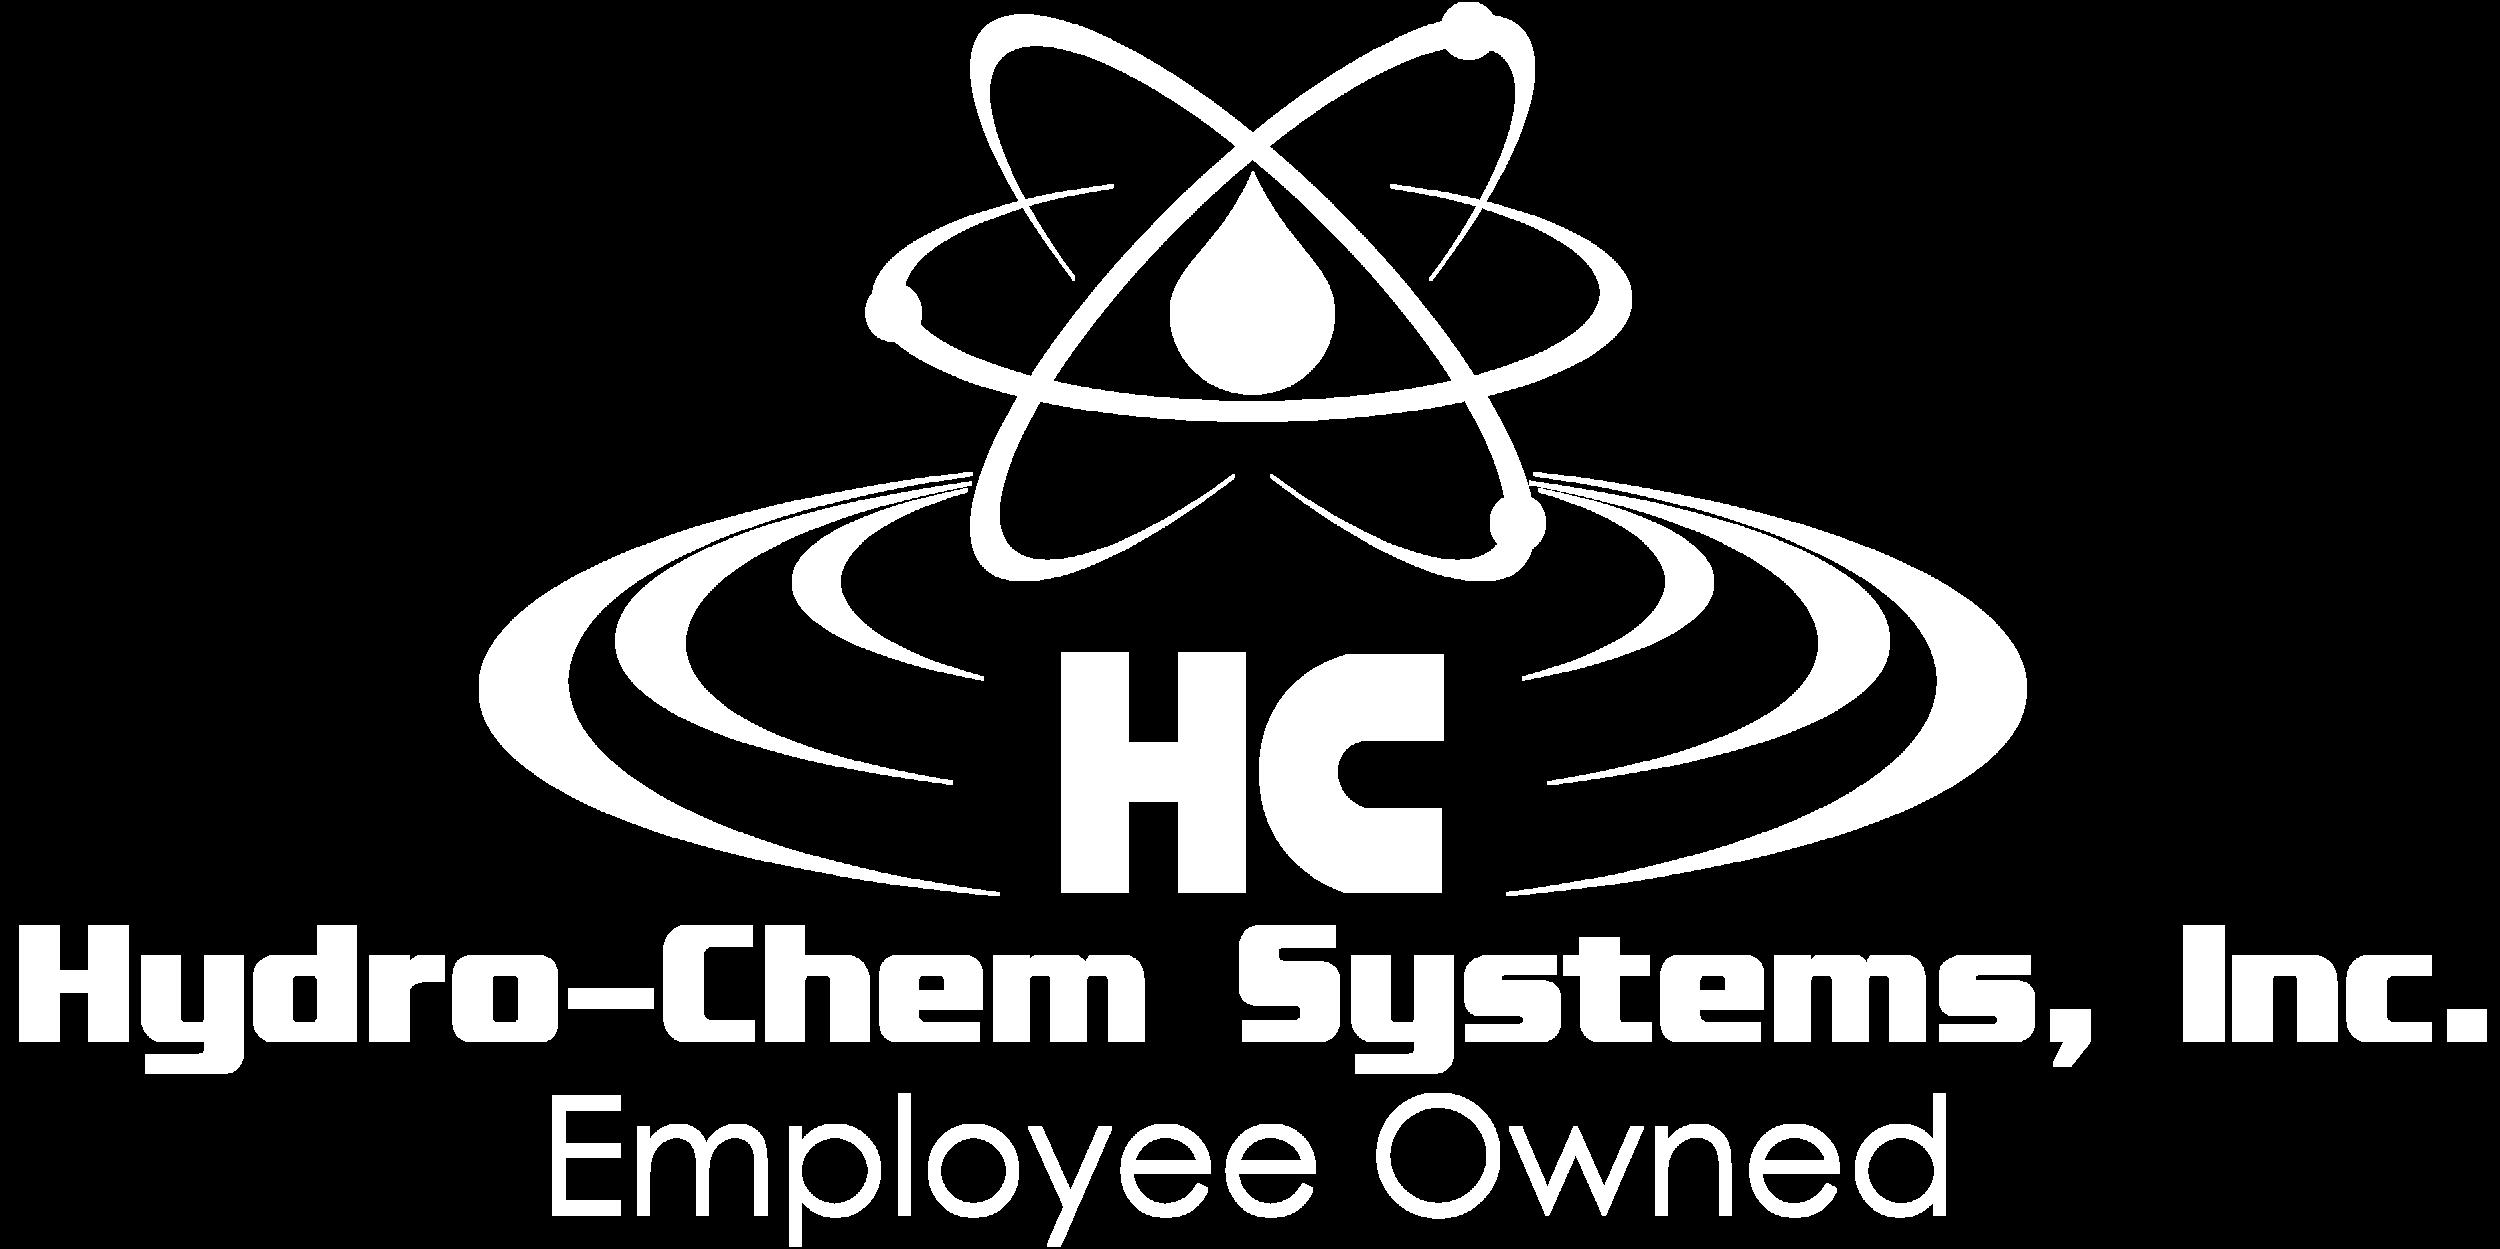 HC-Logo-Full-Name-EDIT.png